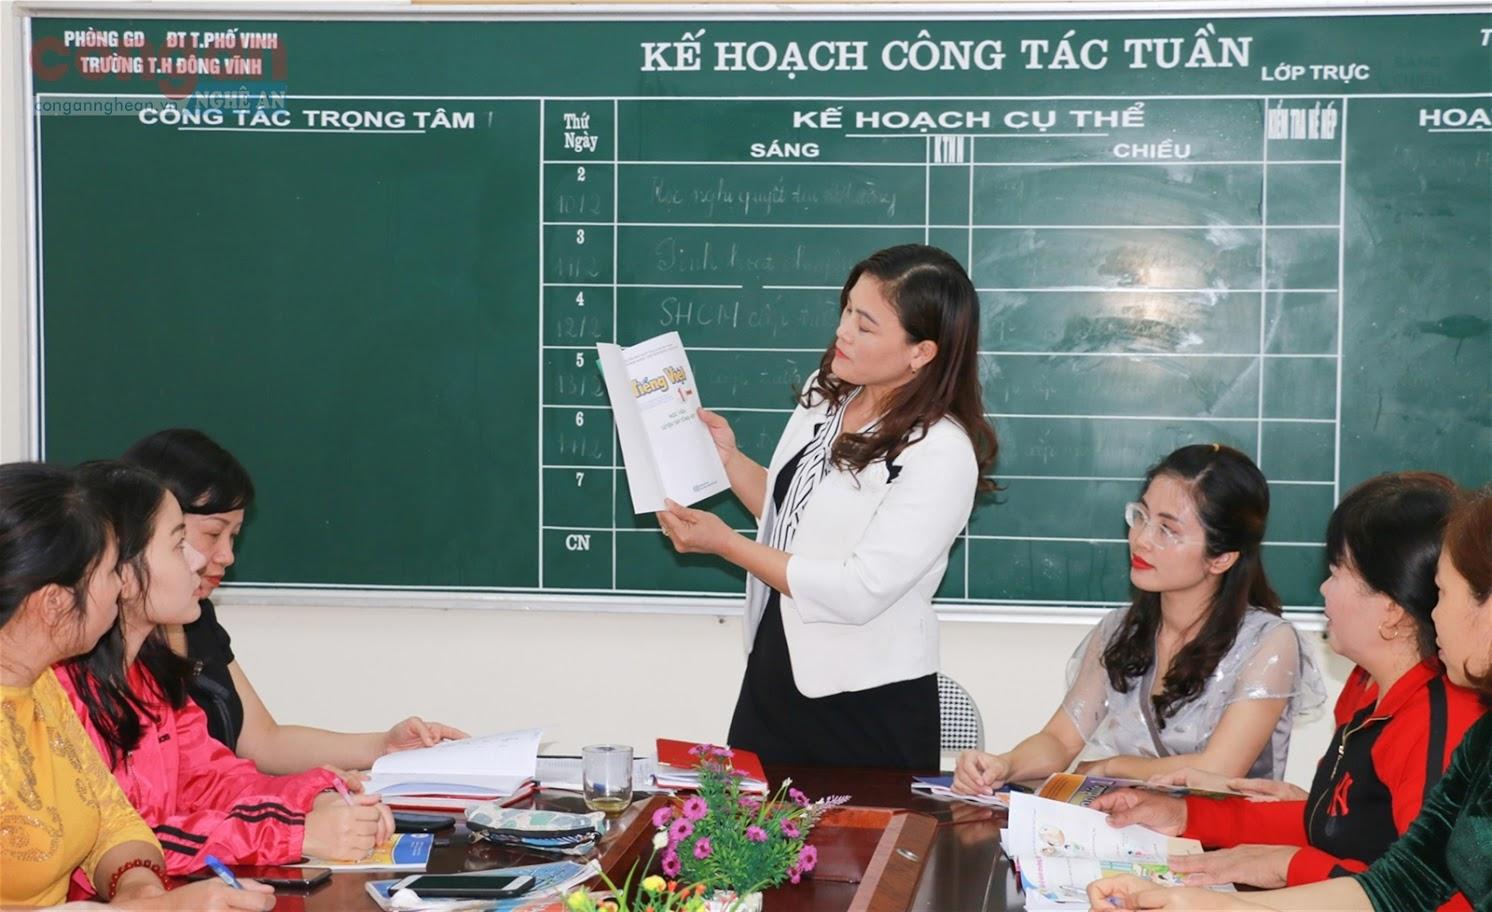 Các trường học trên địa bàn tỉnh tích cực tuyên truyền chương trình GDPT mới  tới tất cả cán bộ, giáo viên